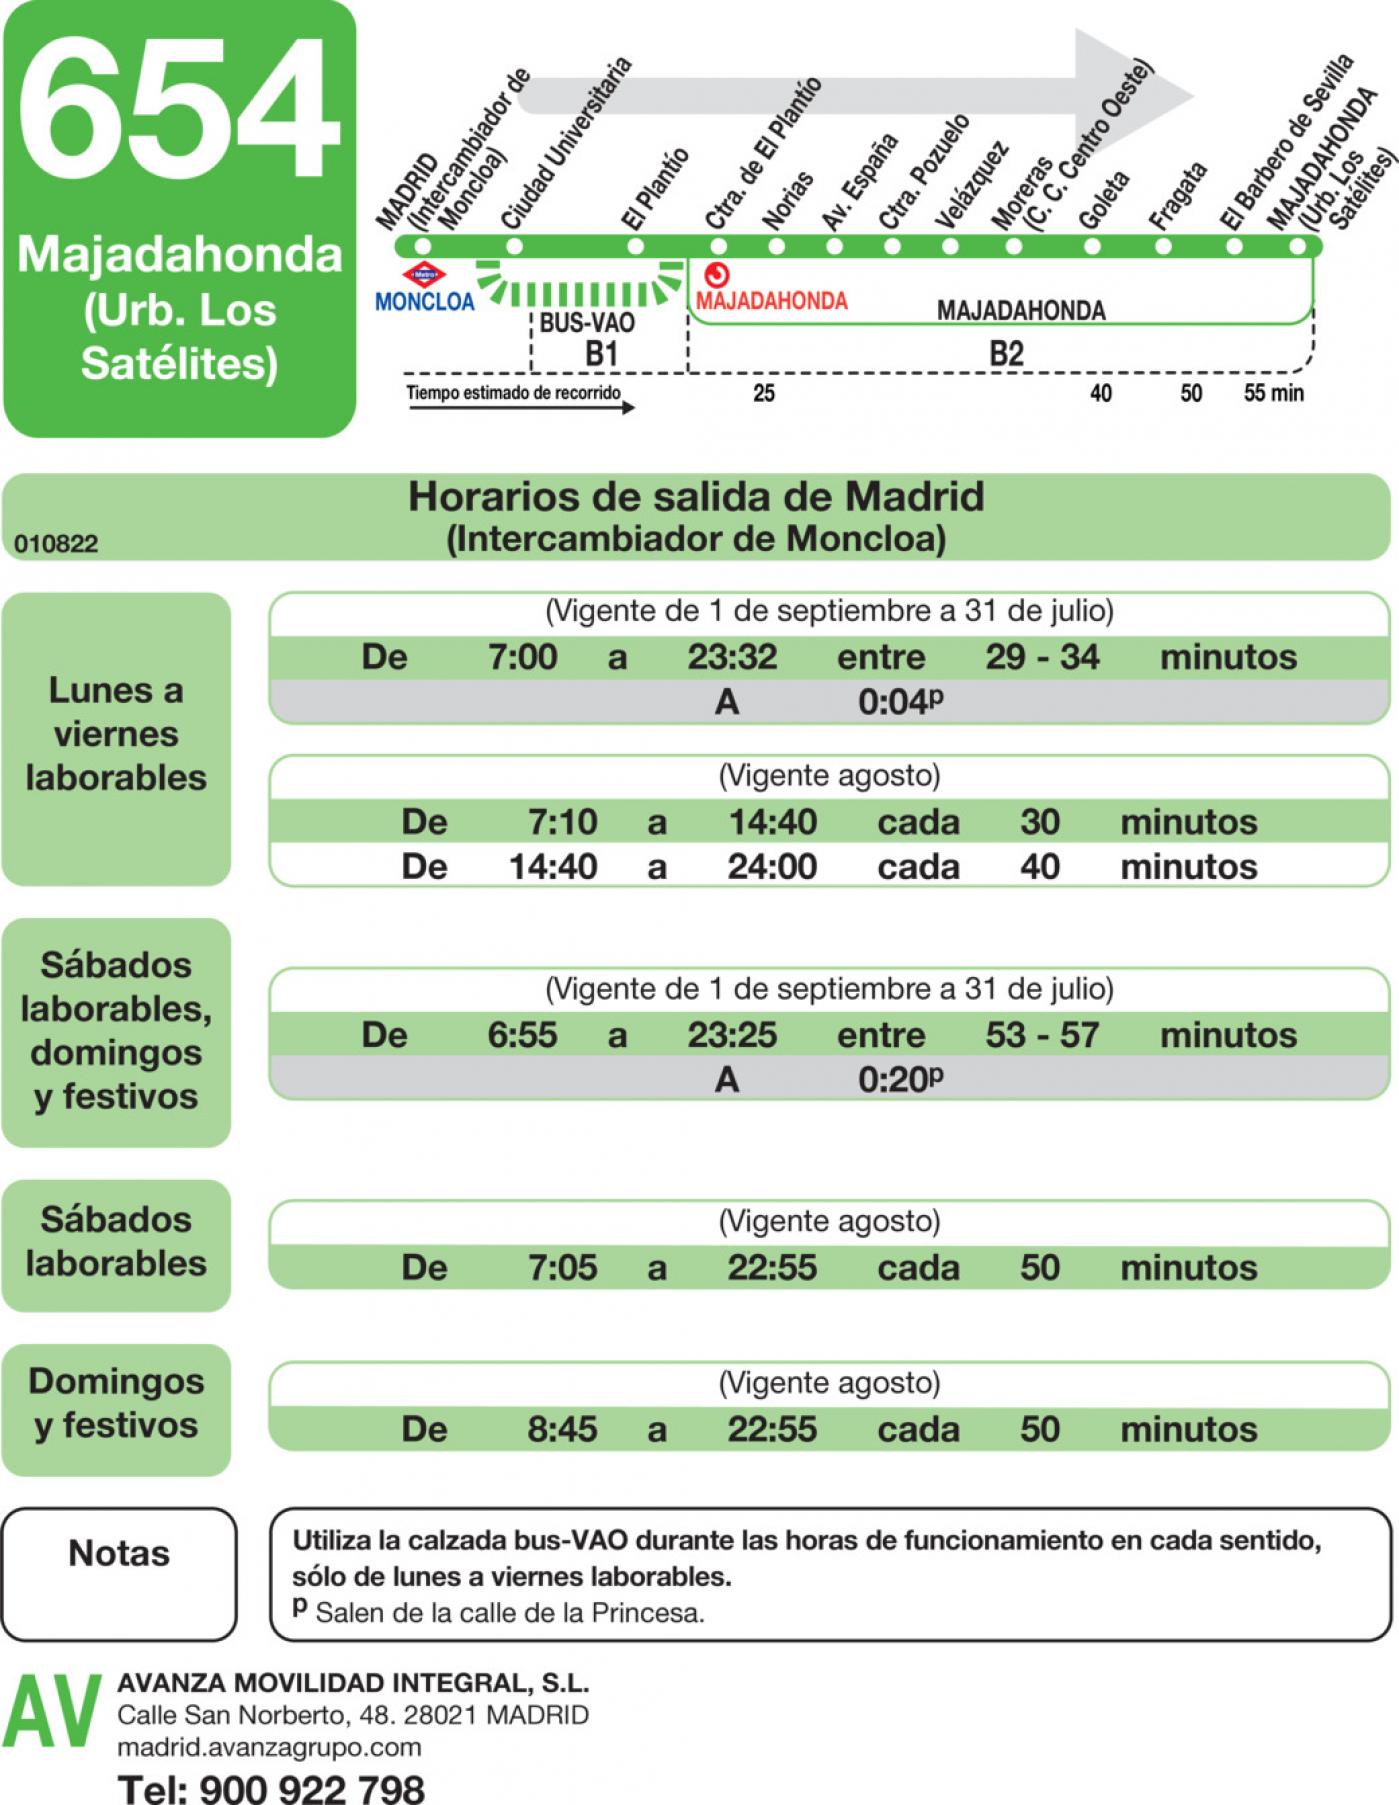 Tabla de horarios y frecuencias de paso en sentido ida Línea 654: Madrid (Moncloa) - Majadahonda (Los Negrillos)